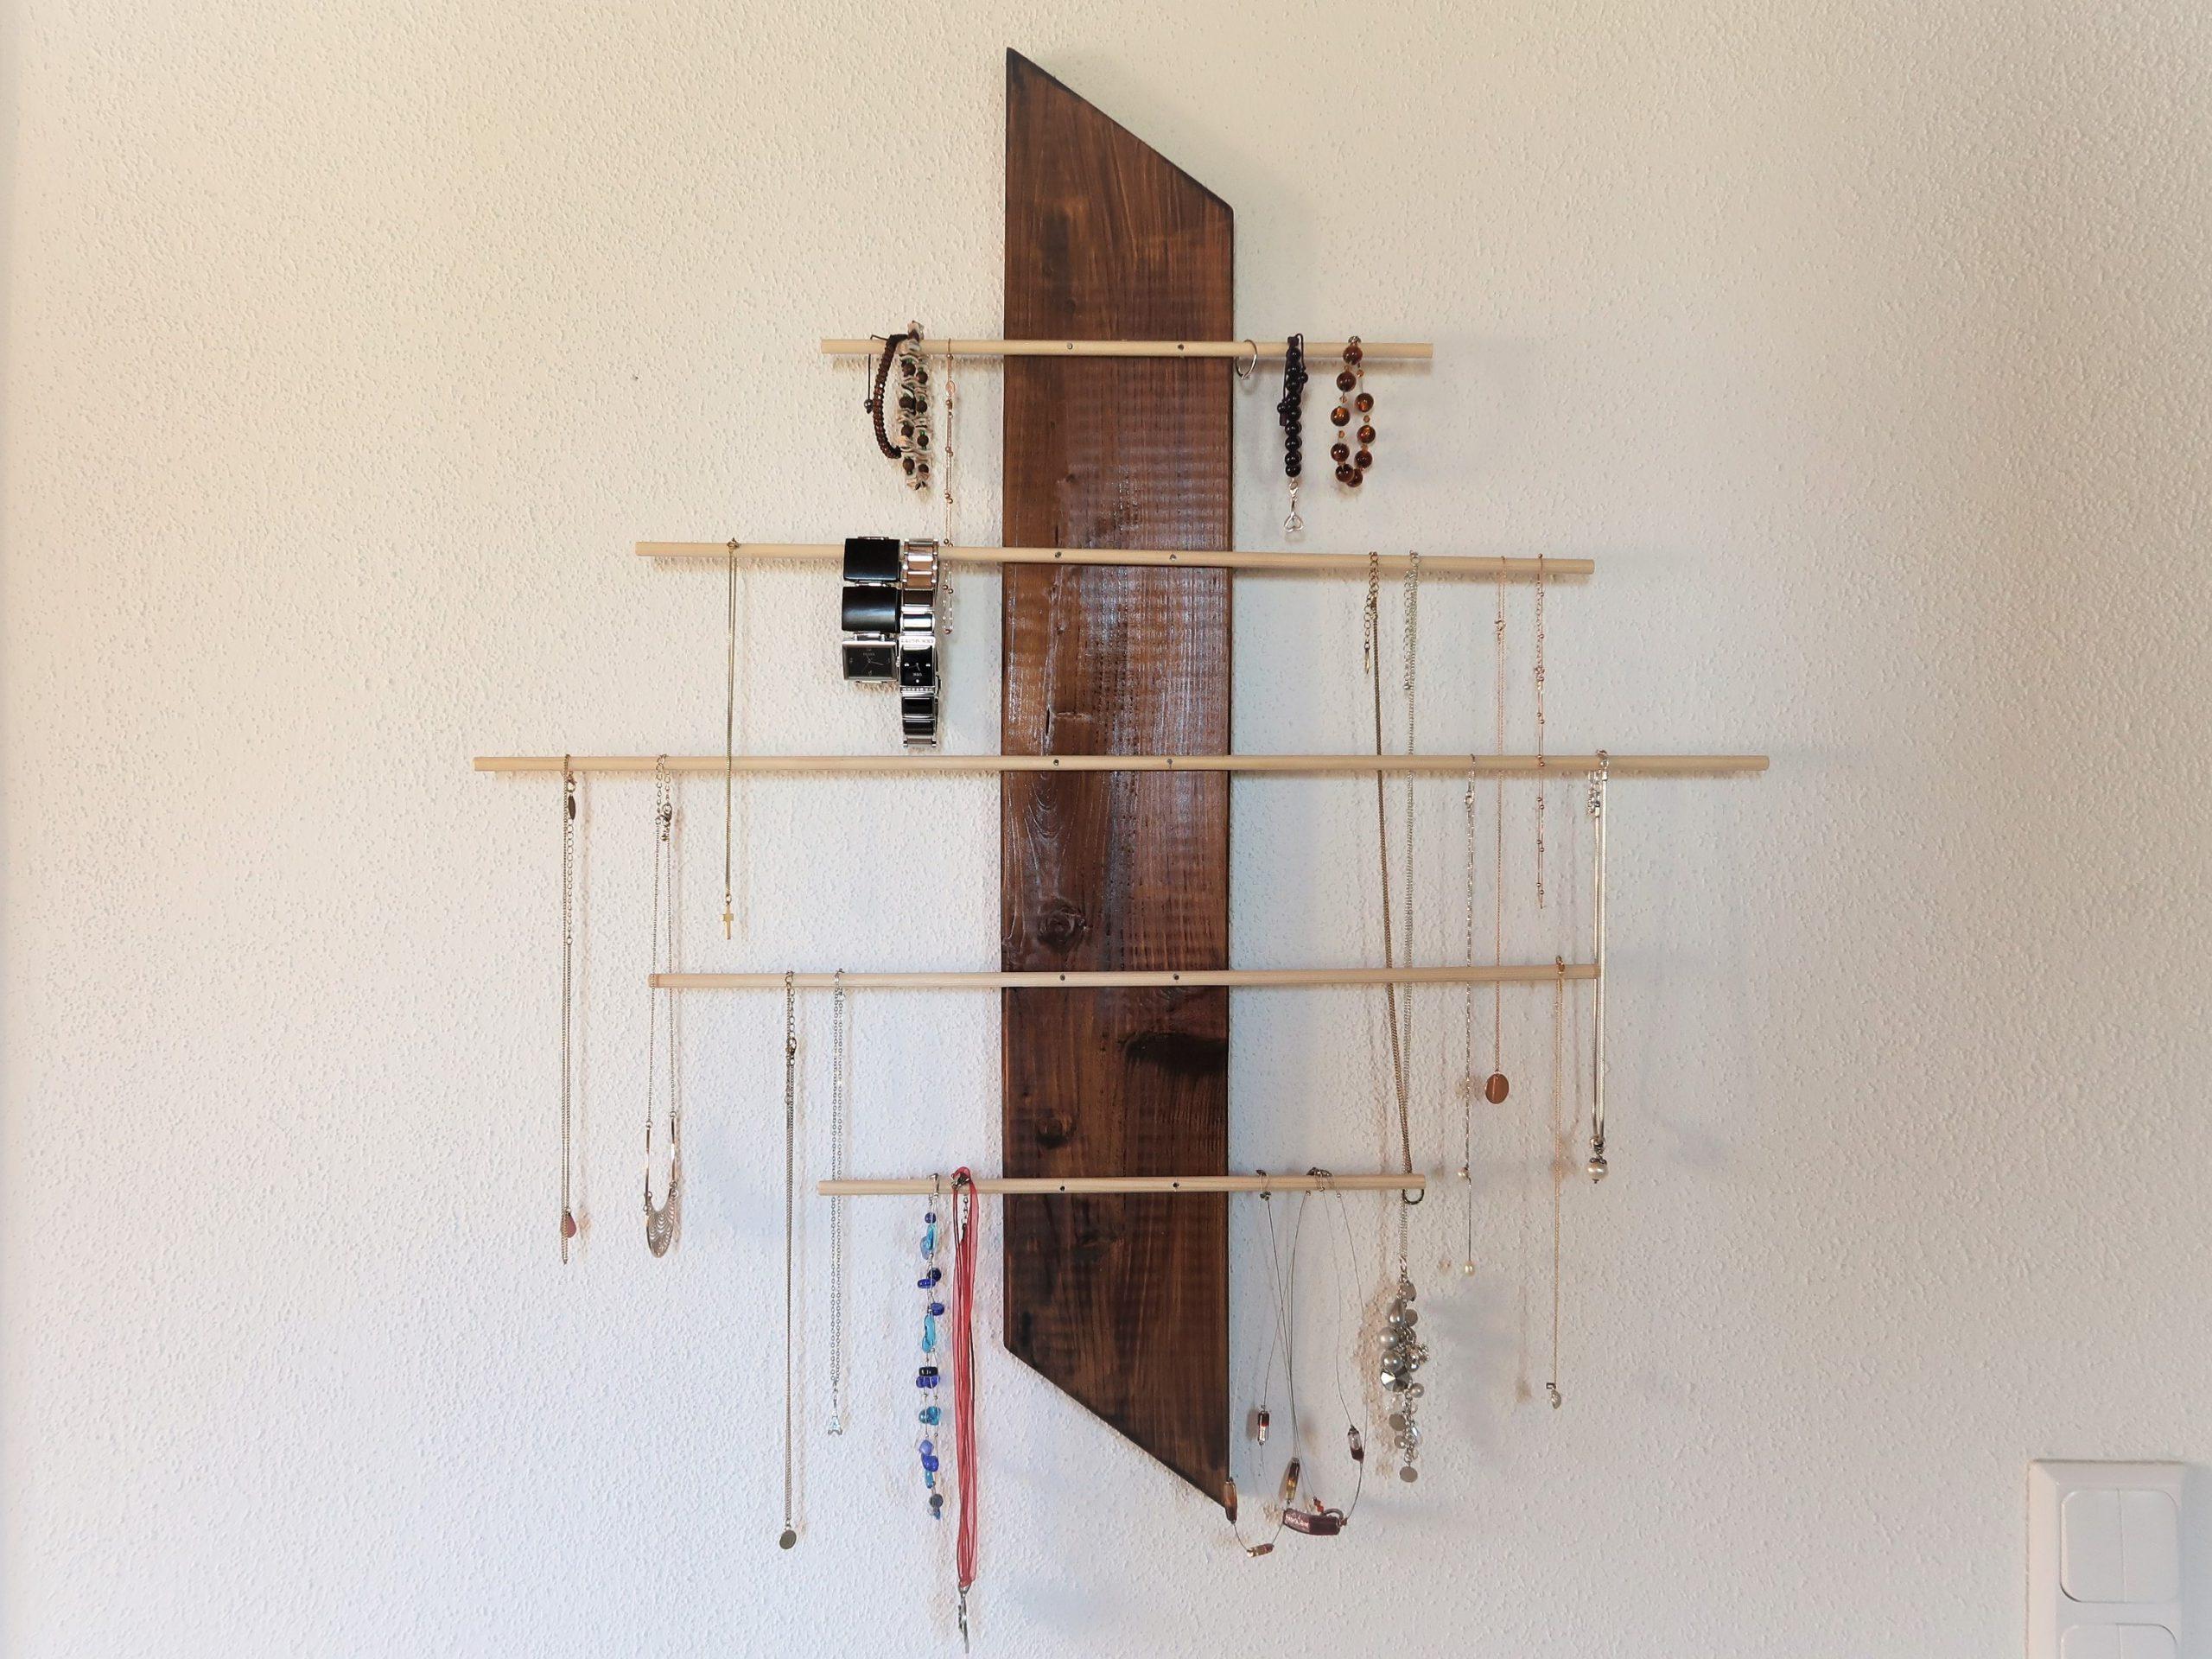 Raffinierter Schmuck-Organizer aus Holz